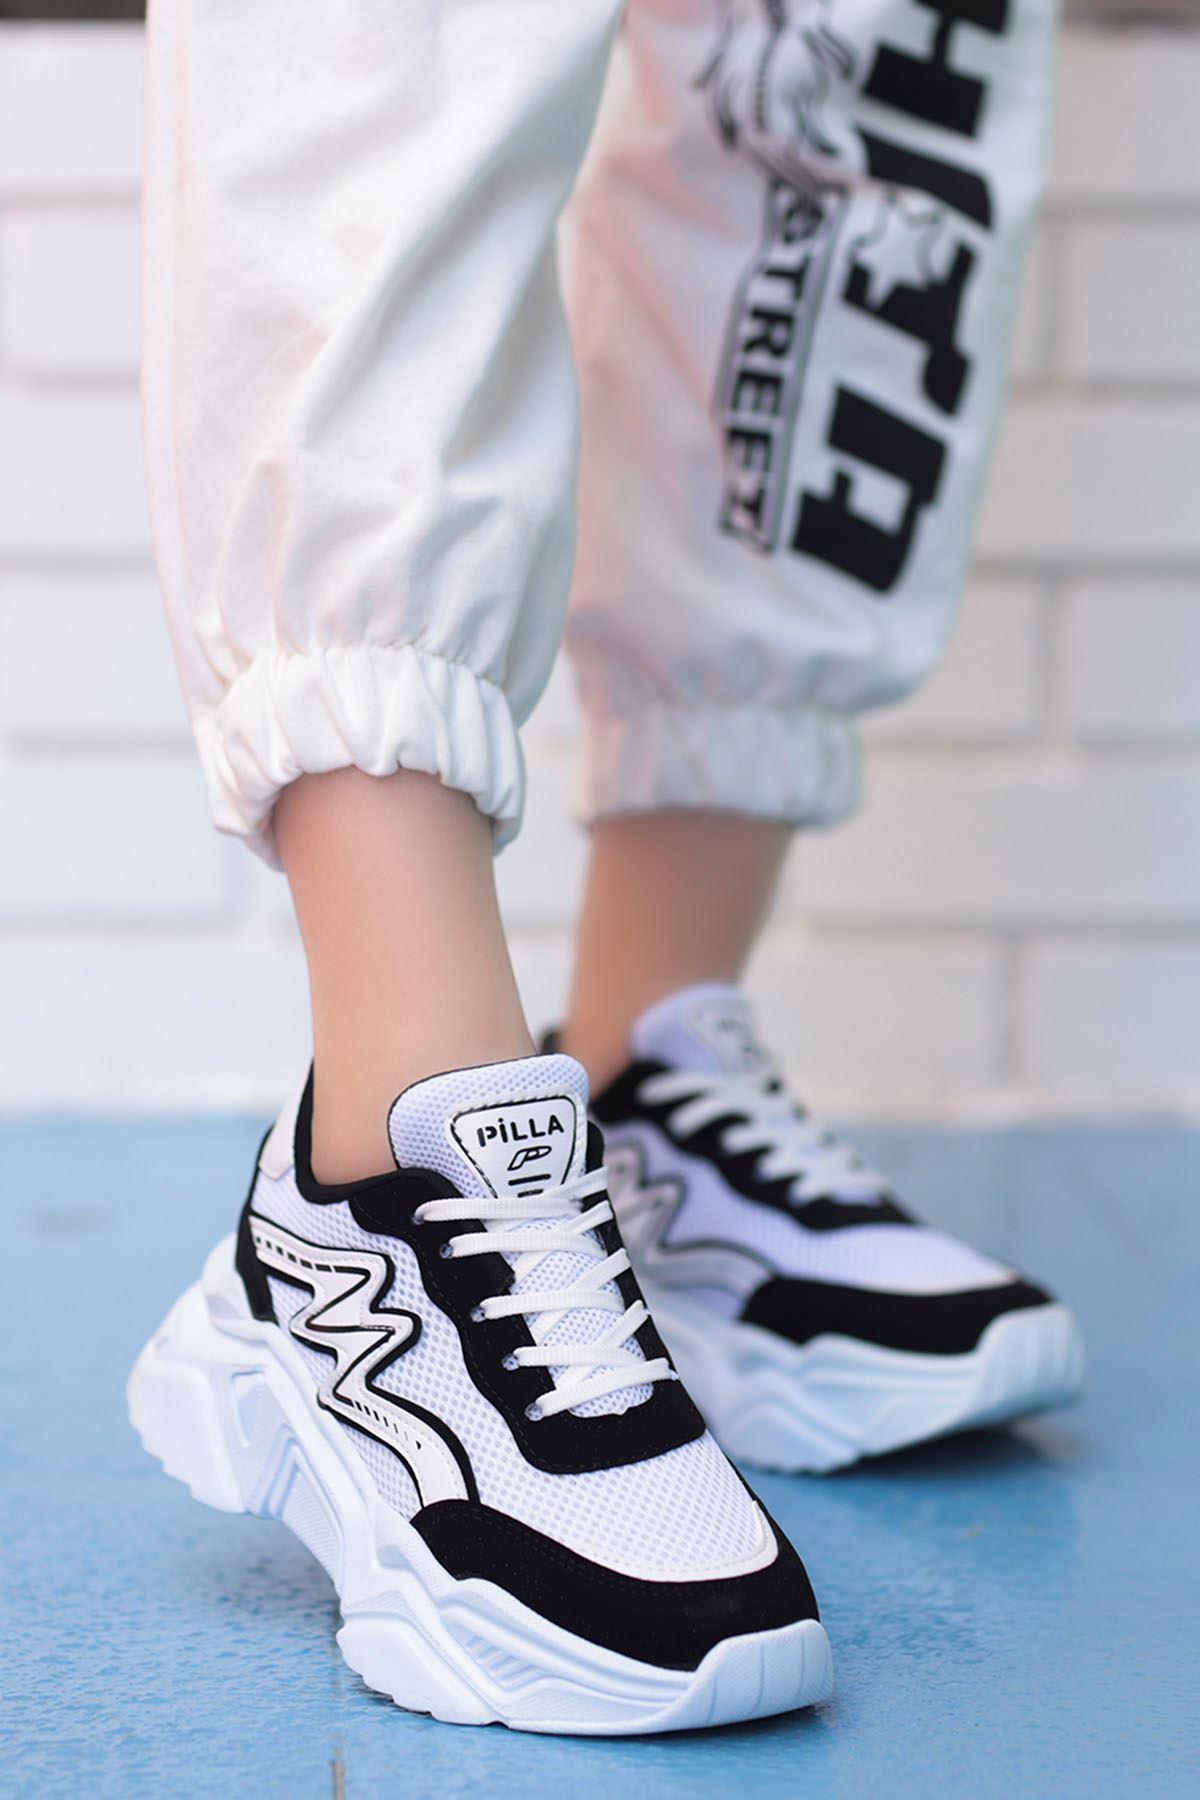 Macro Çizgi Detay Spor Ayakkabı Siyah Beyaz Detay